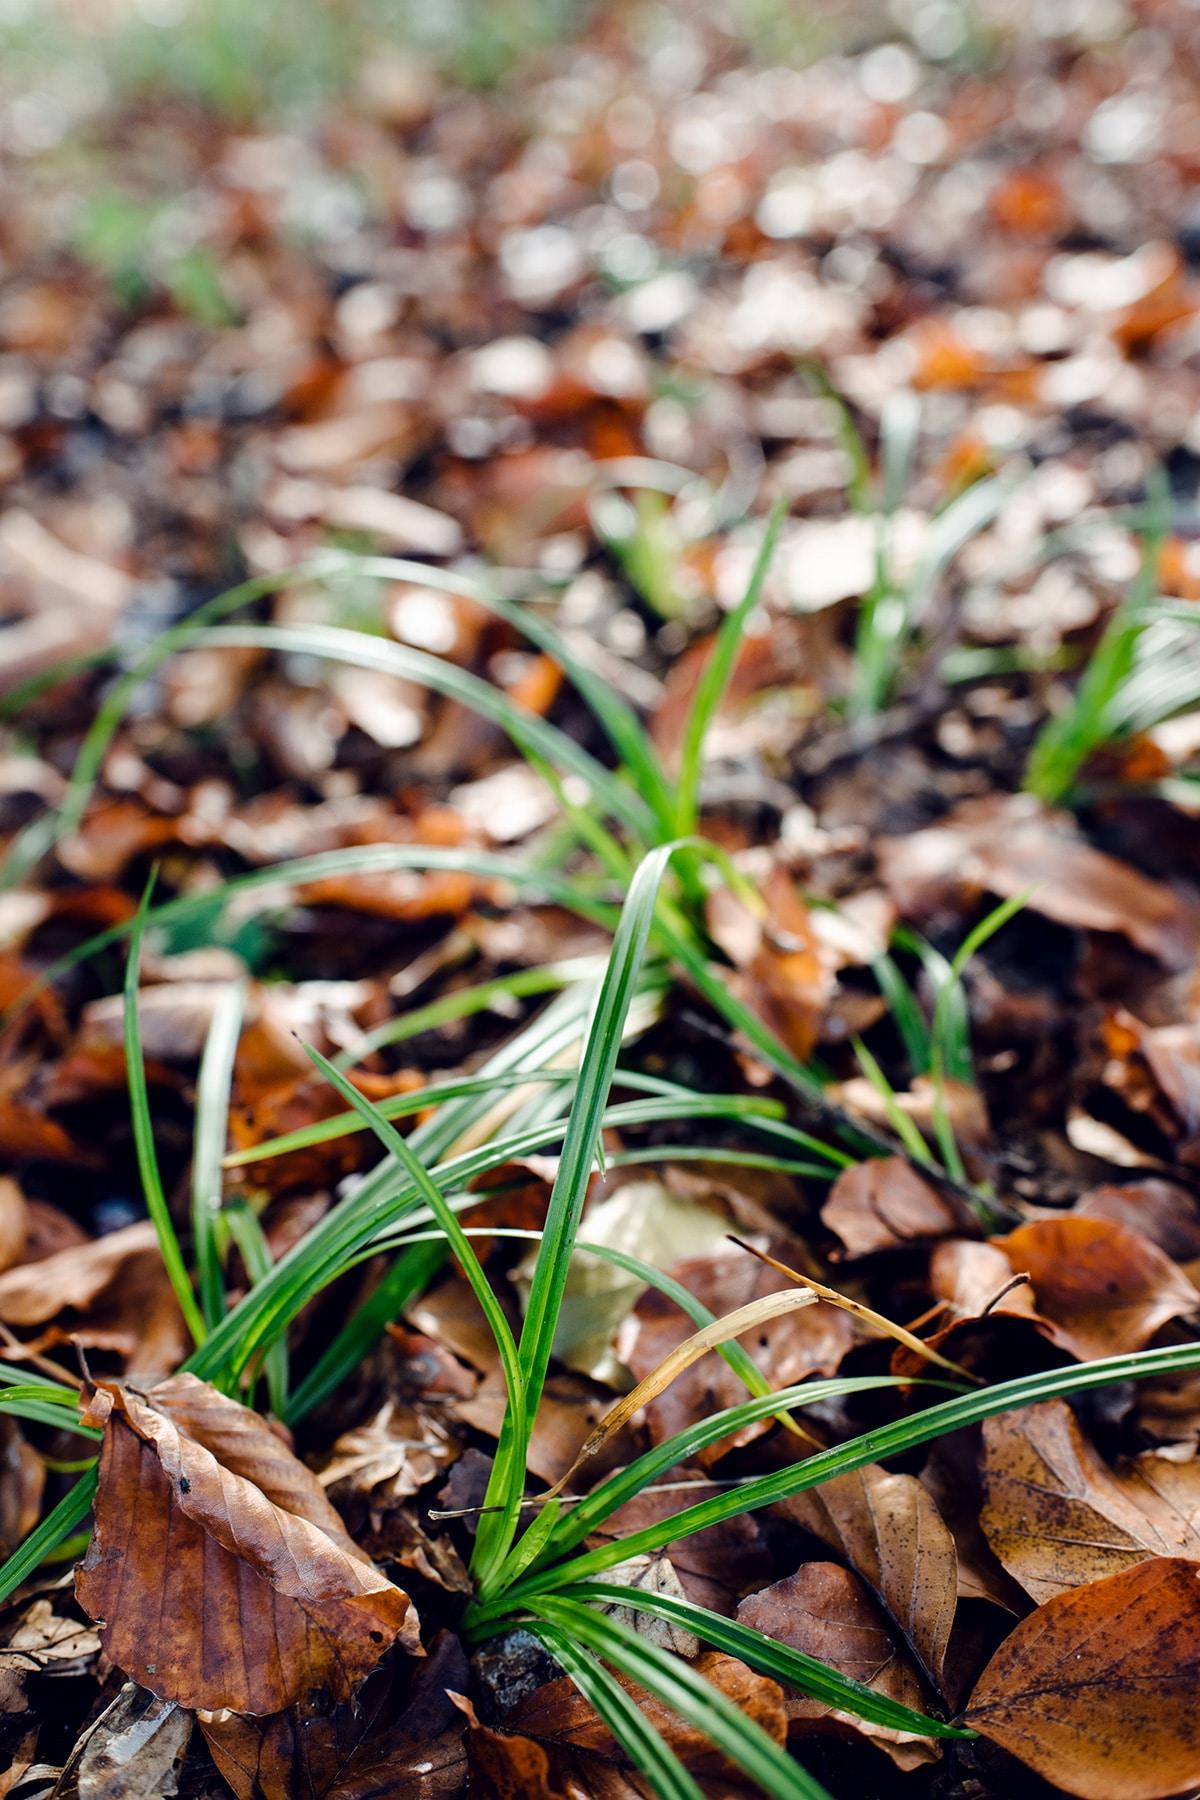 Trois touffes d'herbes vertes émergeant d'un lit de feuilles mortes – Promenade automnale dans la forêt de Petinesca